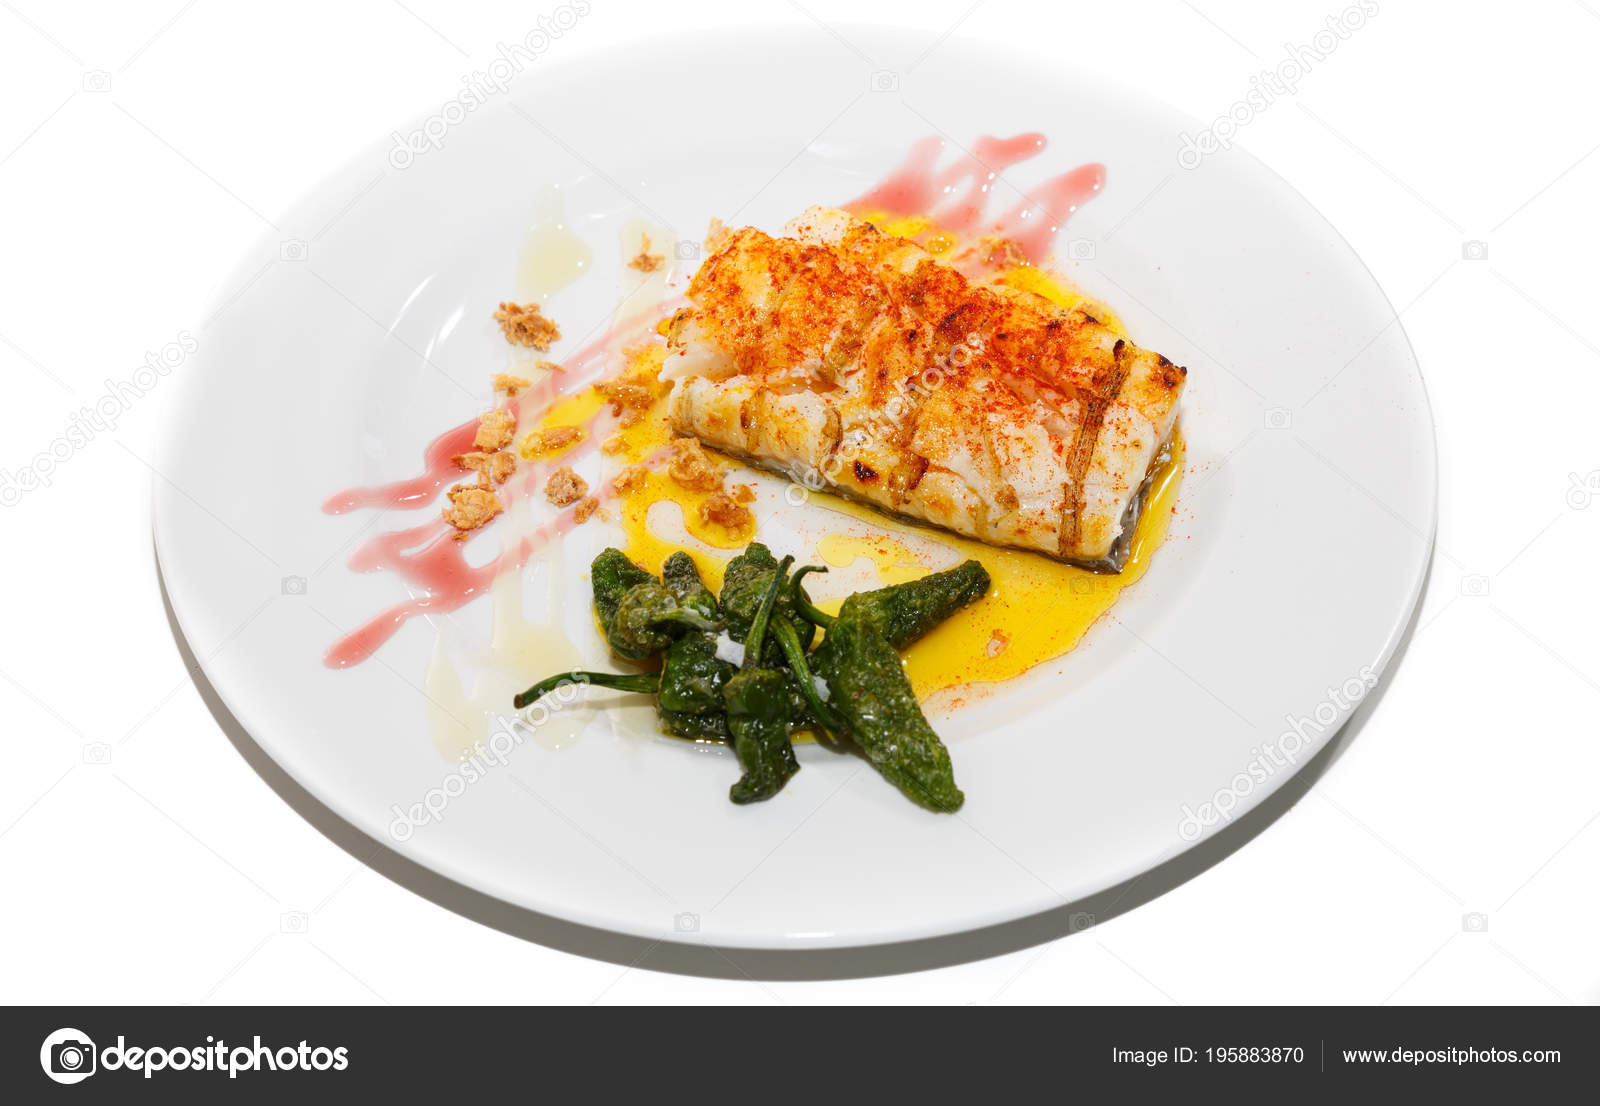 kabeljauw met paprika